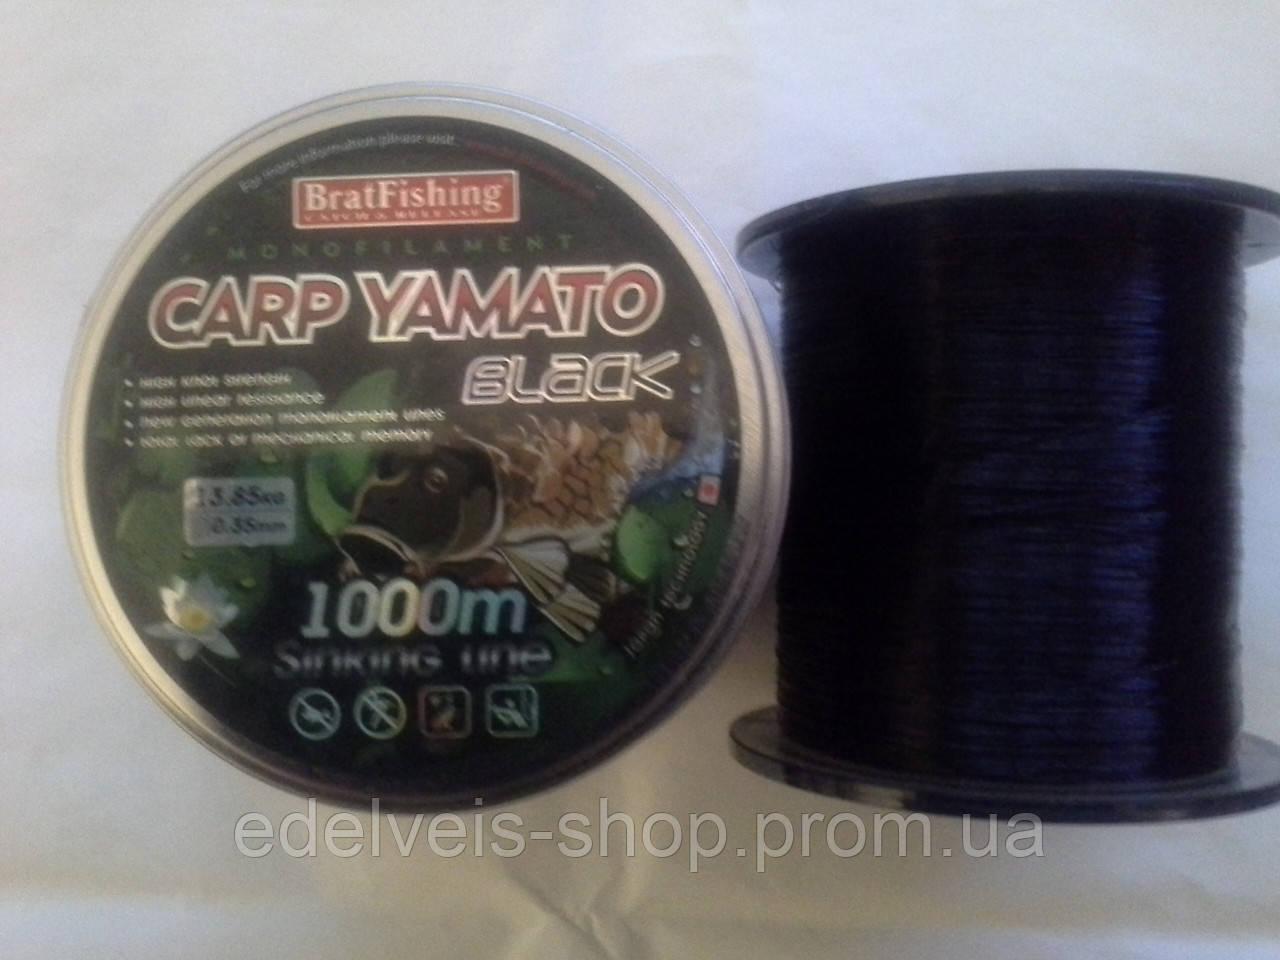 Рибальська волосінь BratFishing CARP YAMATO black 1000m (чорний) 0.45